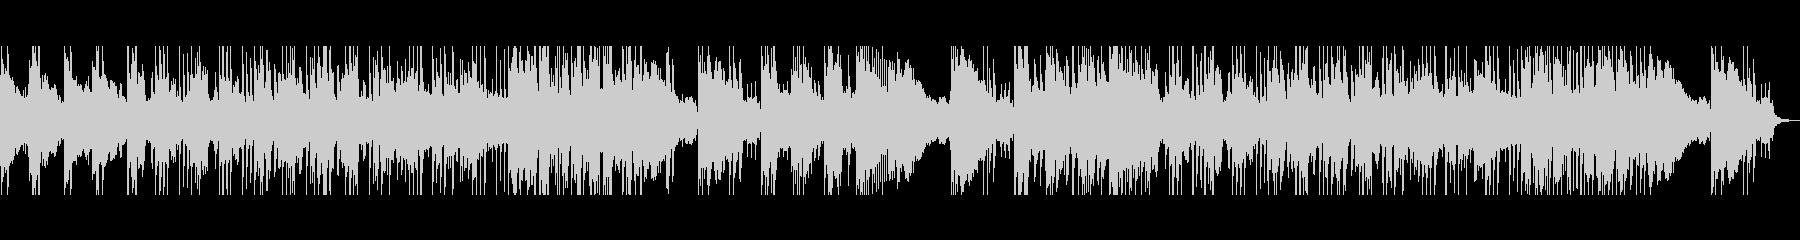 オシャレ大人な雰囲気リズムBGMの未再生の波形